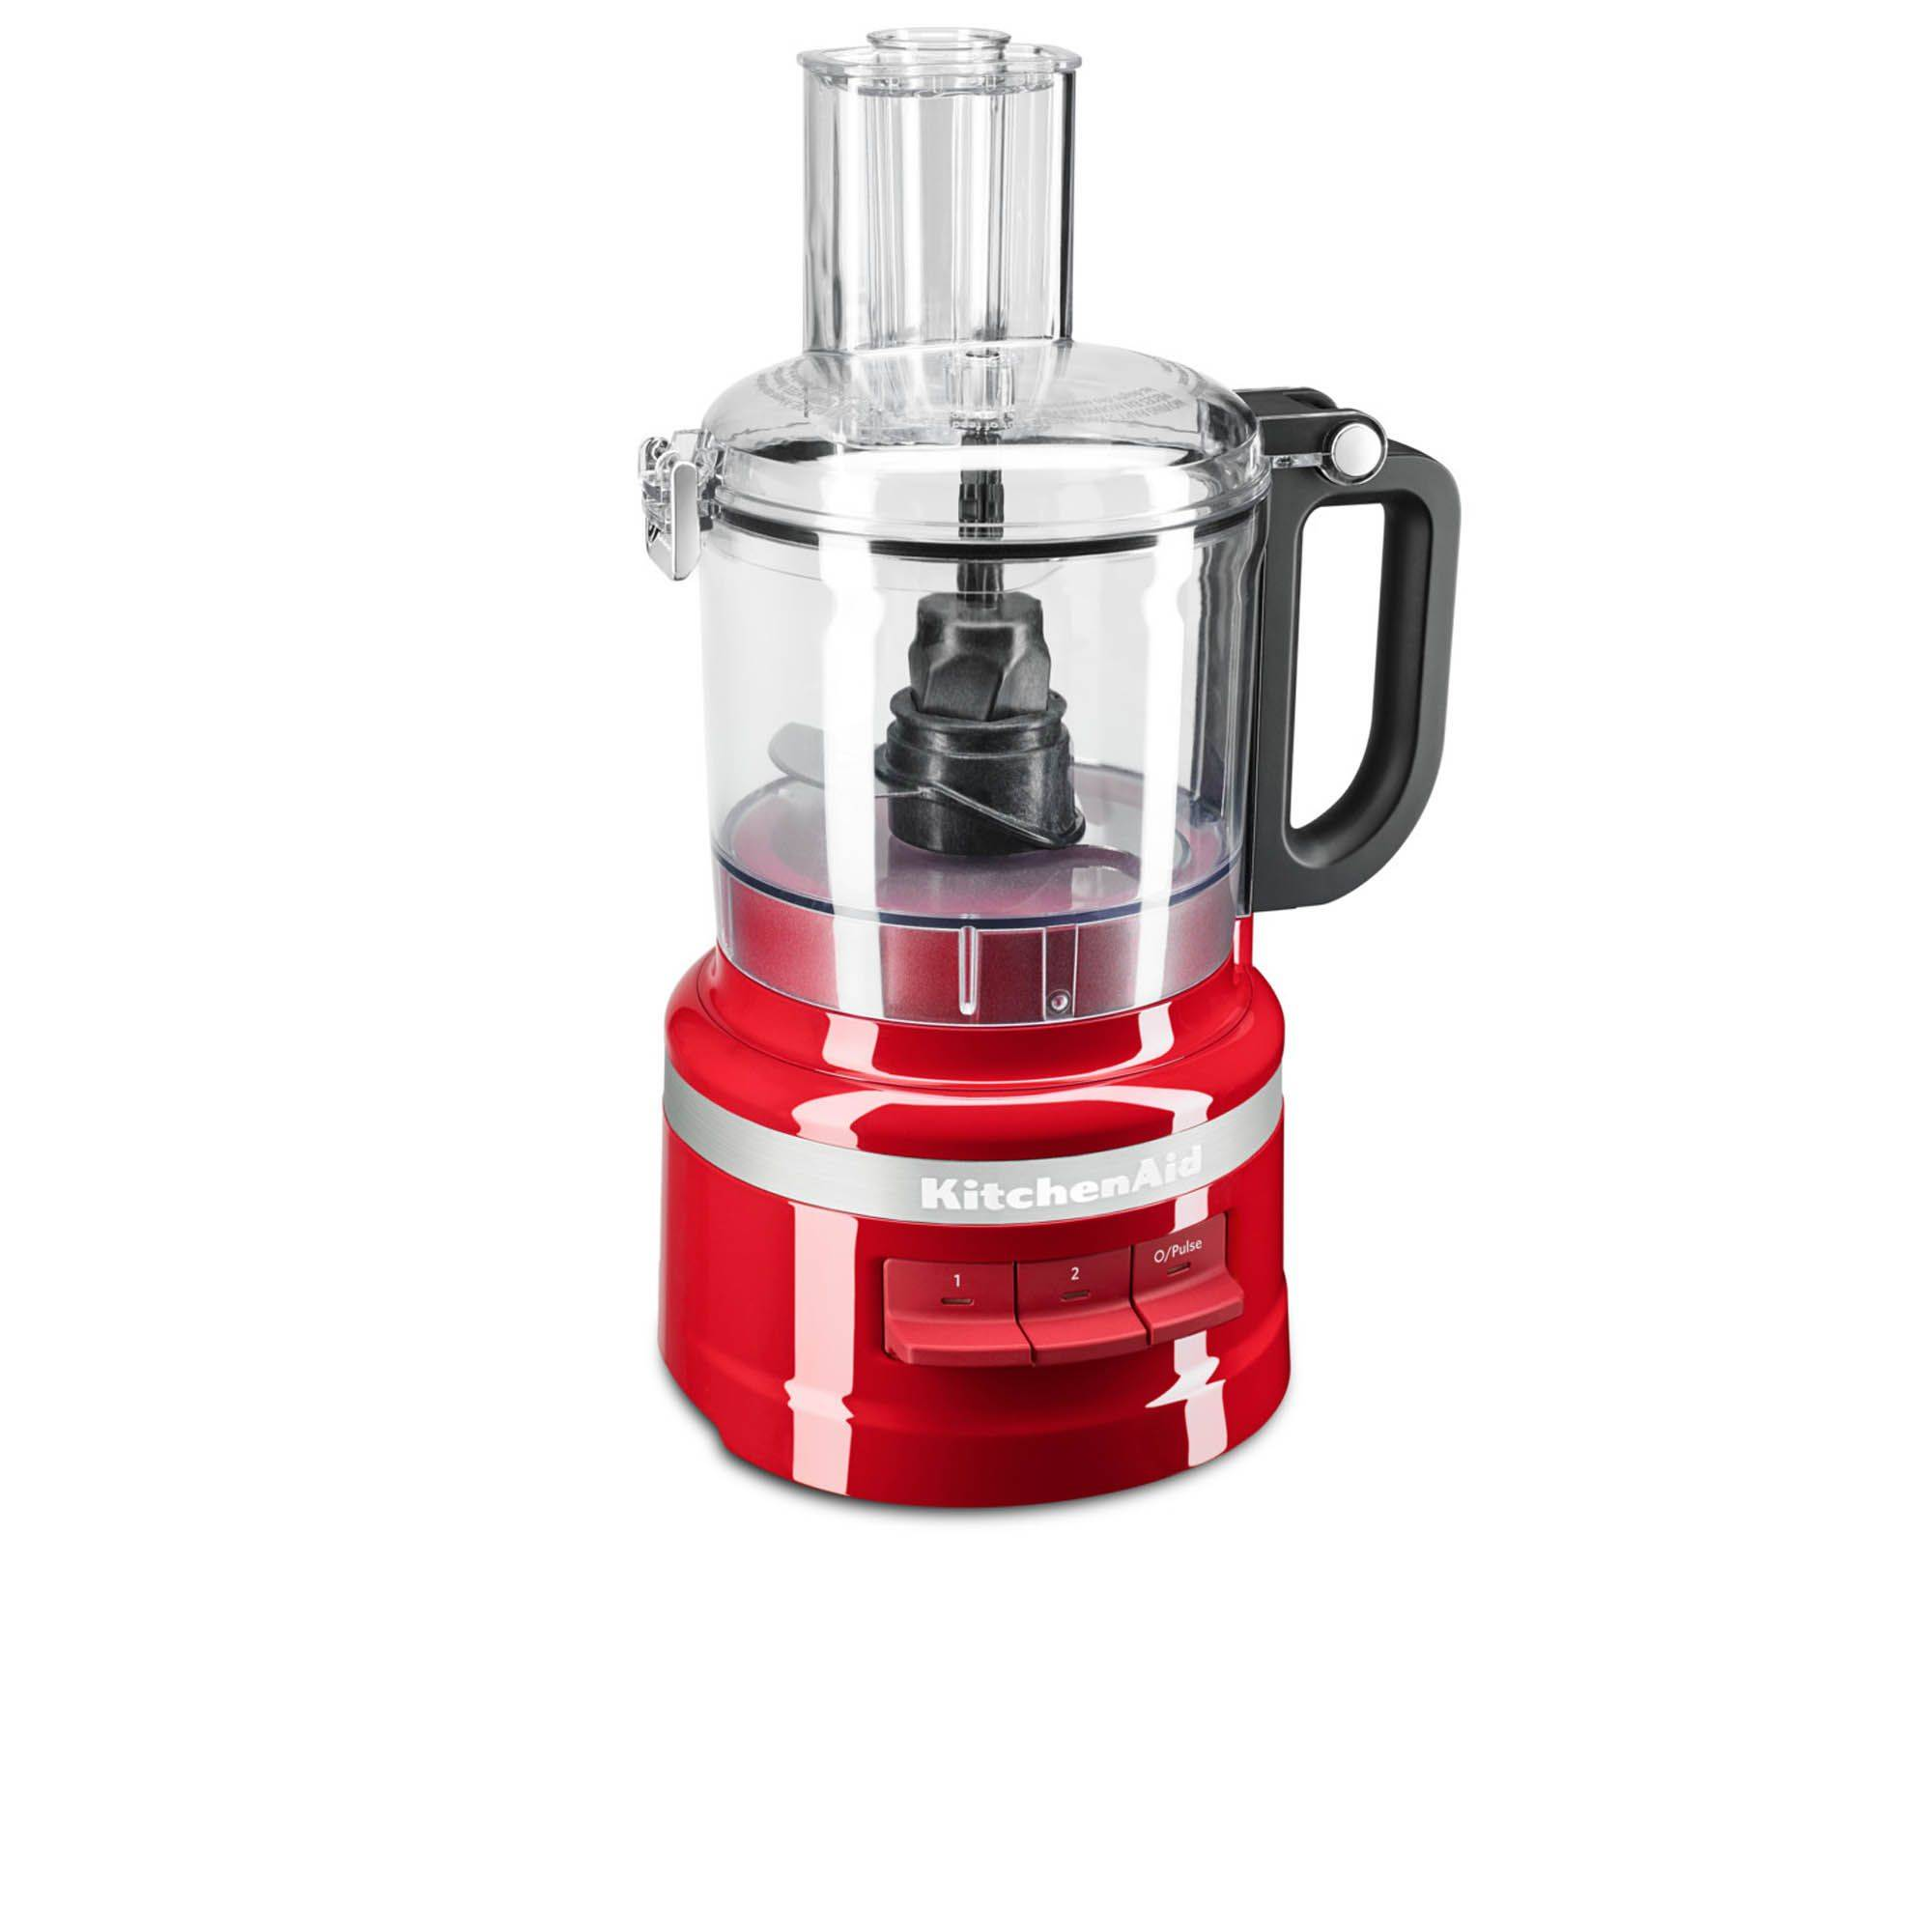 KitchenAid 5KSM7580XEMS robot da cucina | Trova Prezzi ...